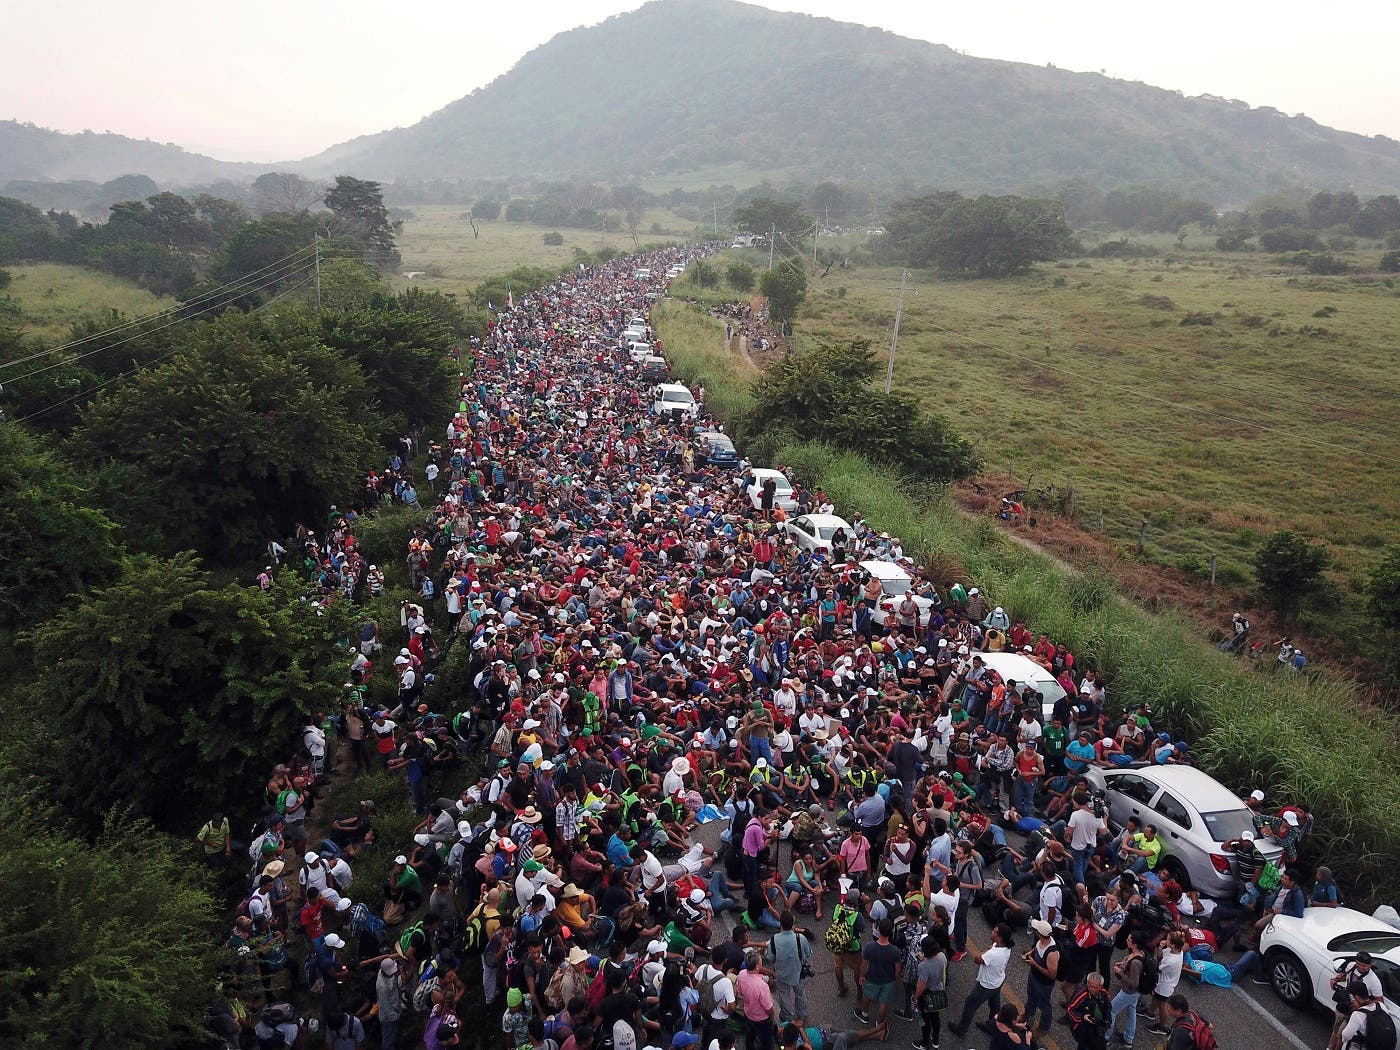 Miles de migrantes centroamericanos que huyen de la pobreza y la violencia continúan avanzando en caravana hacia Estados Unidos.(AP Photo/Rodrigo Abd)